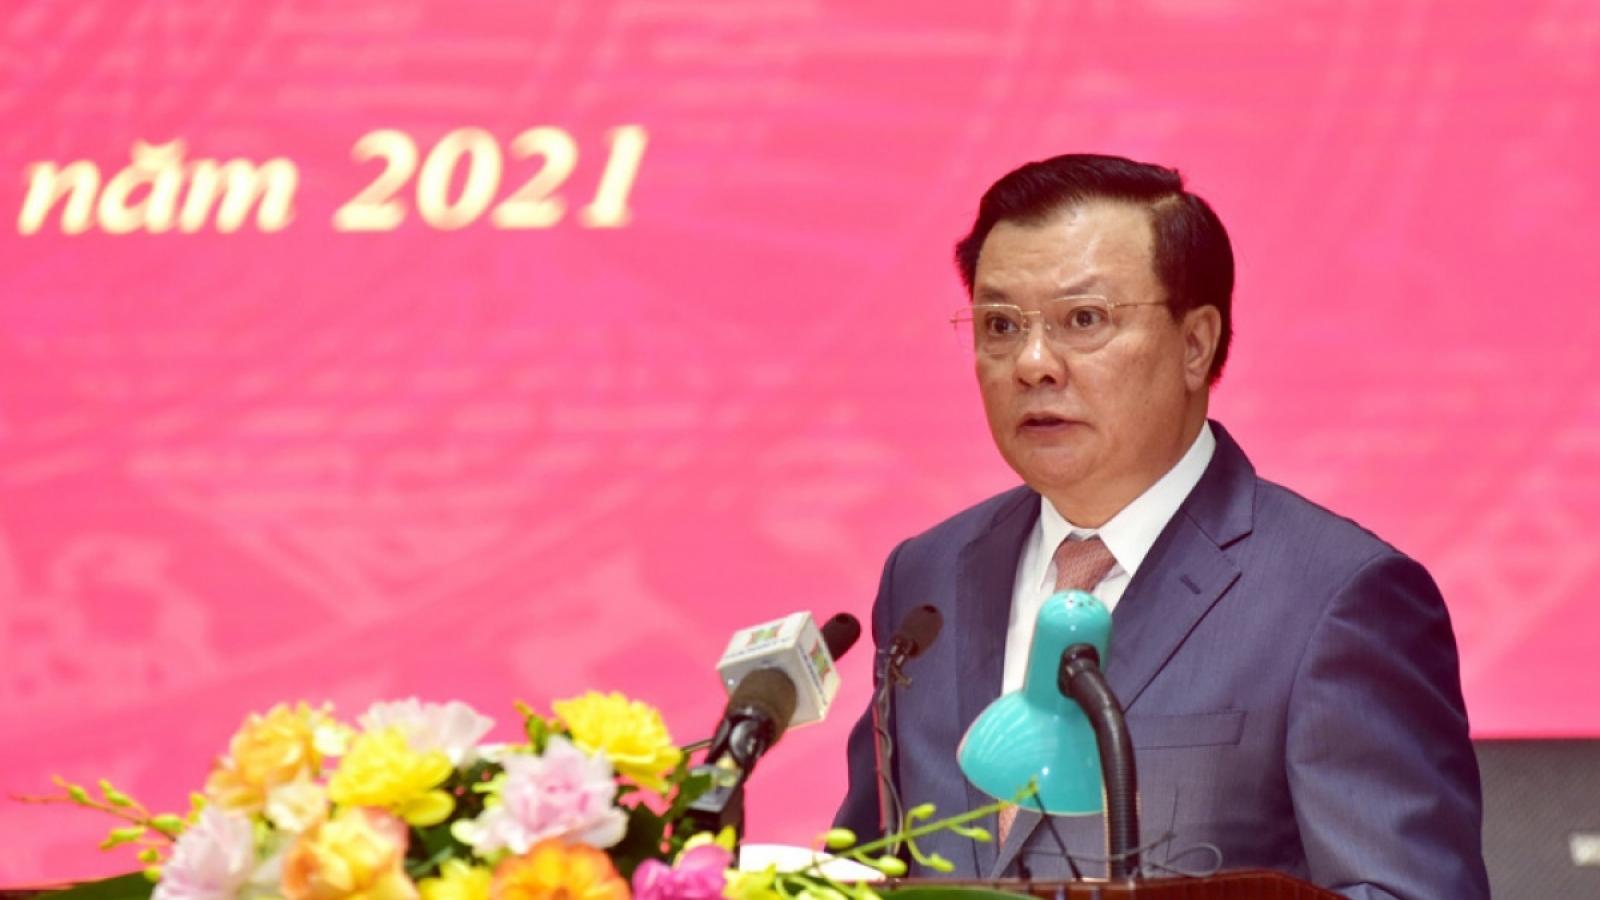 Bí thư Thành ủy Hà Nội: Yêu cầu nâng mức nguy cơ trong các kịch bản phòng, chống dịch